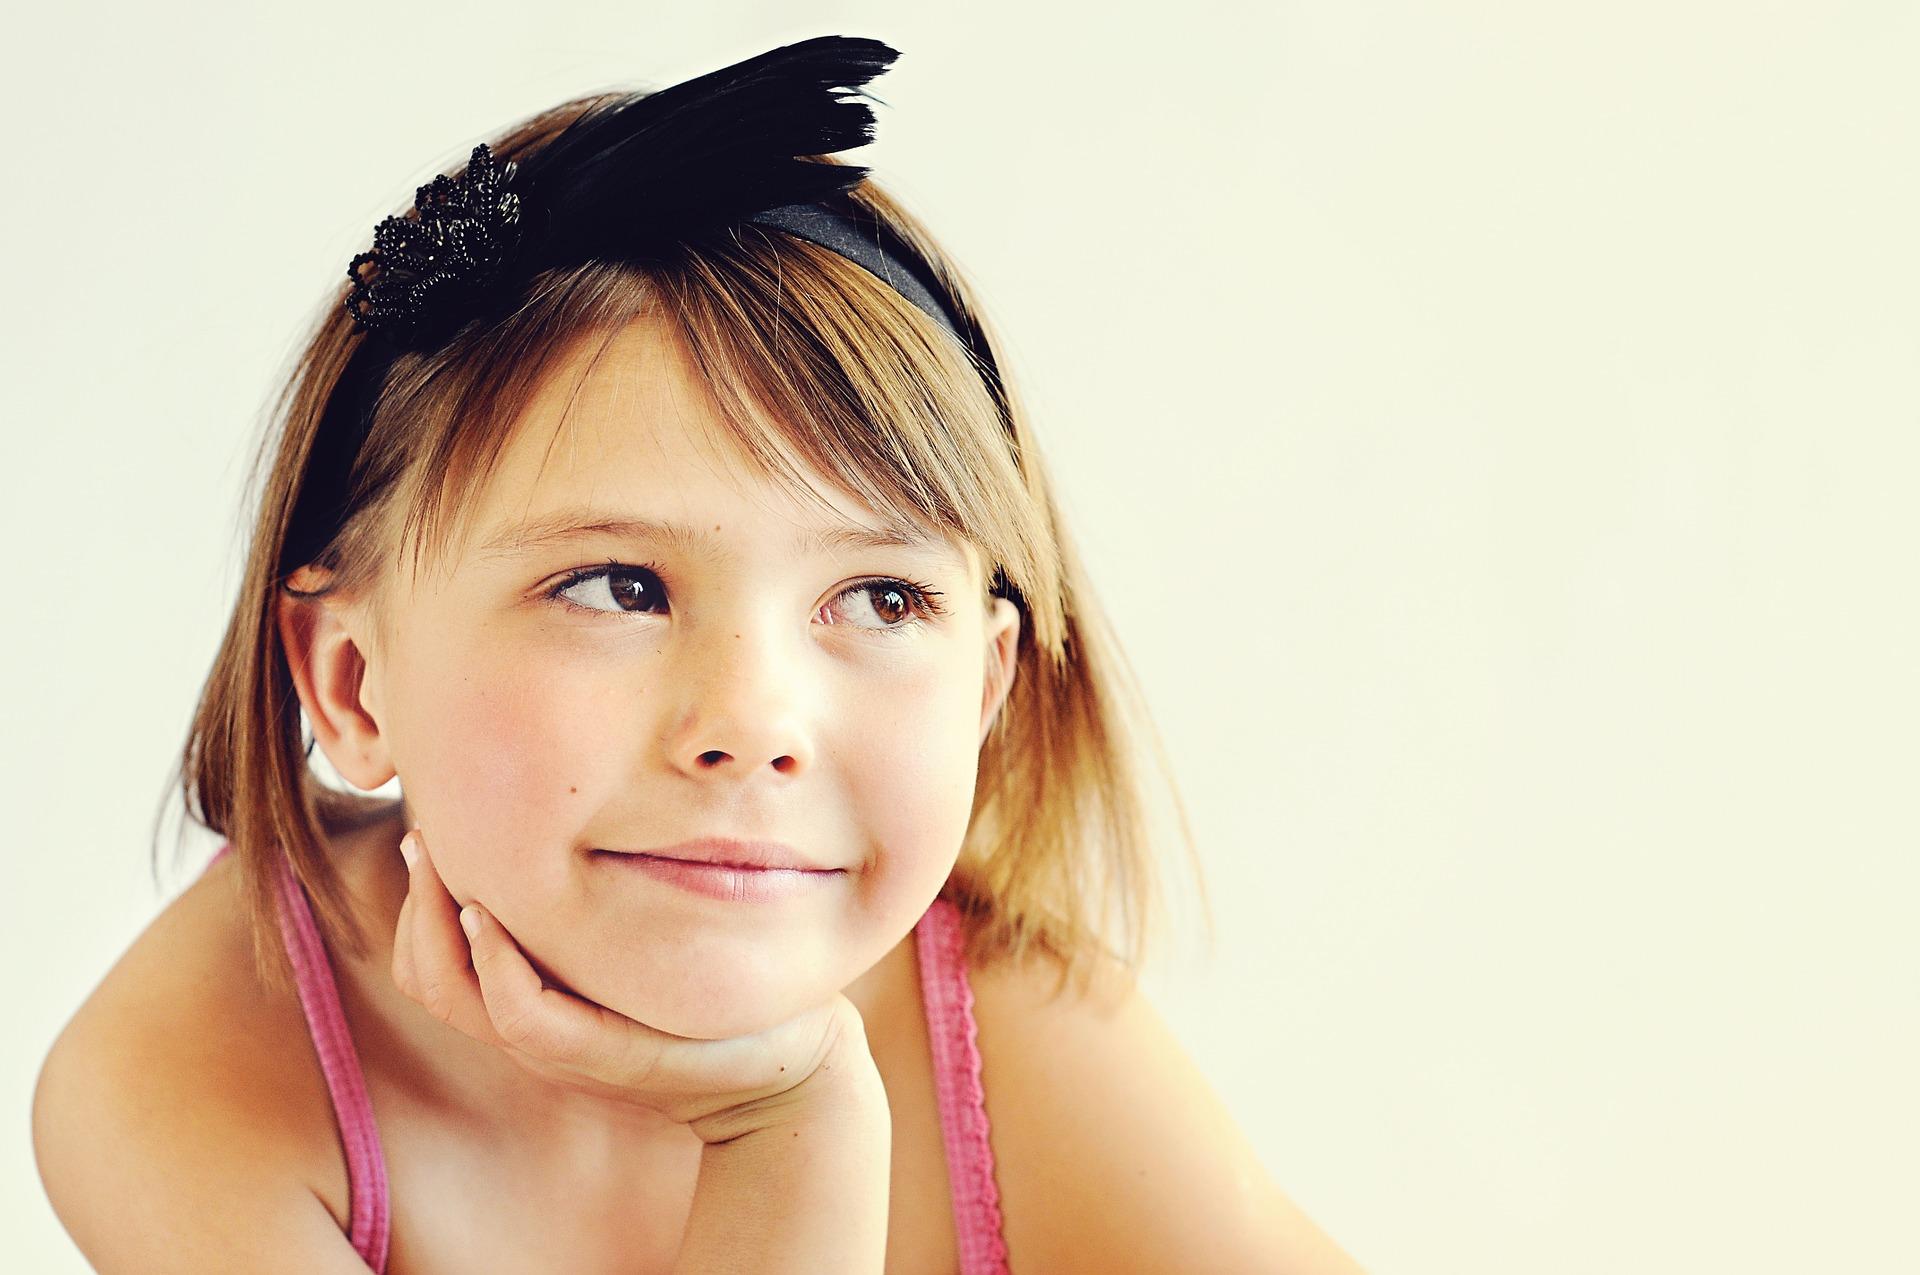 daughter-838986_1920.jpg